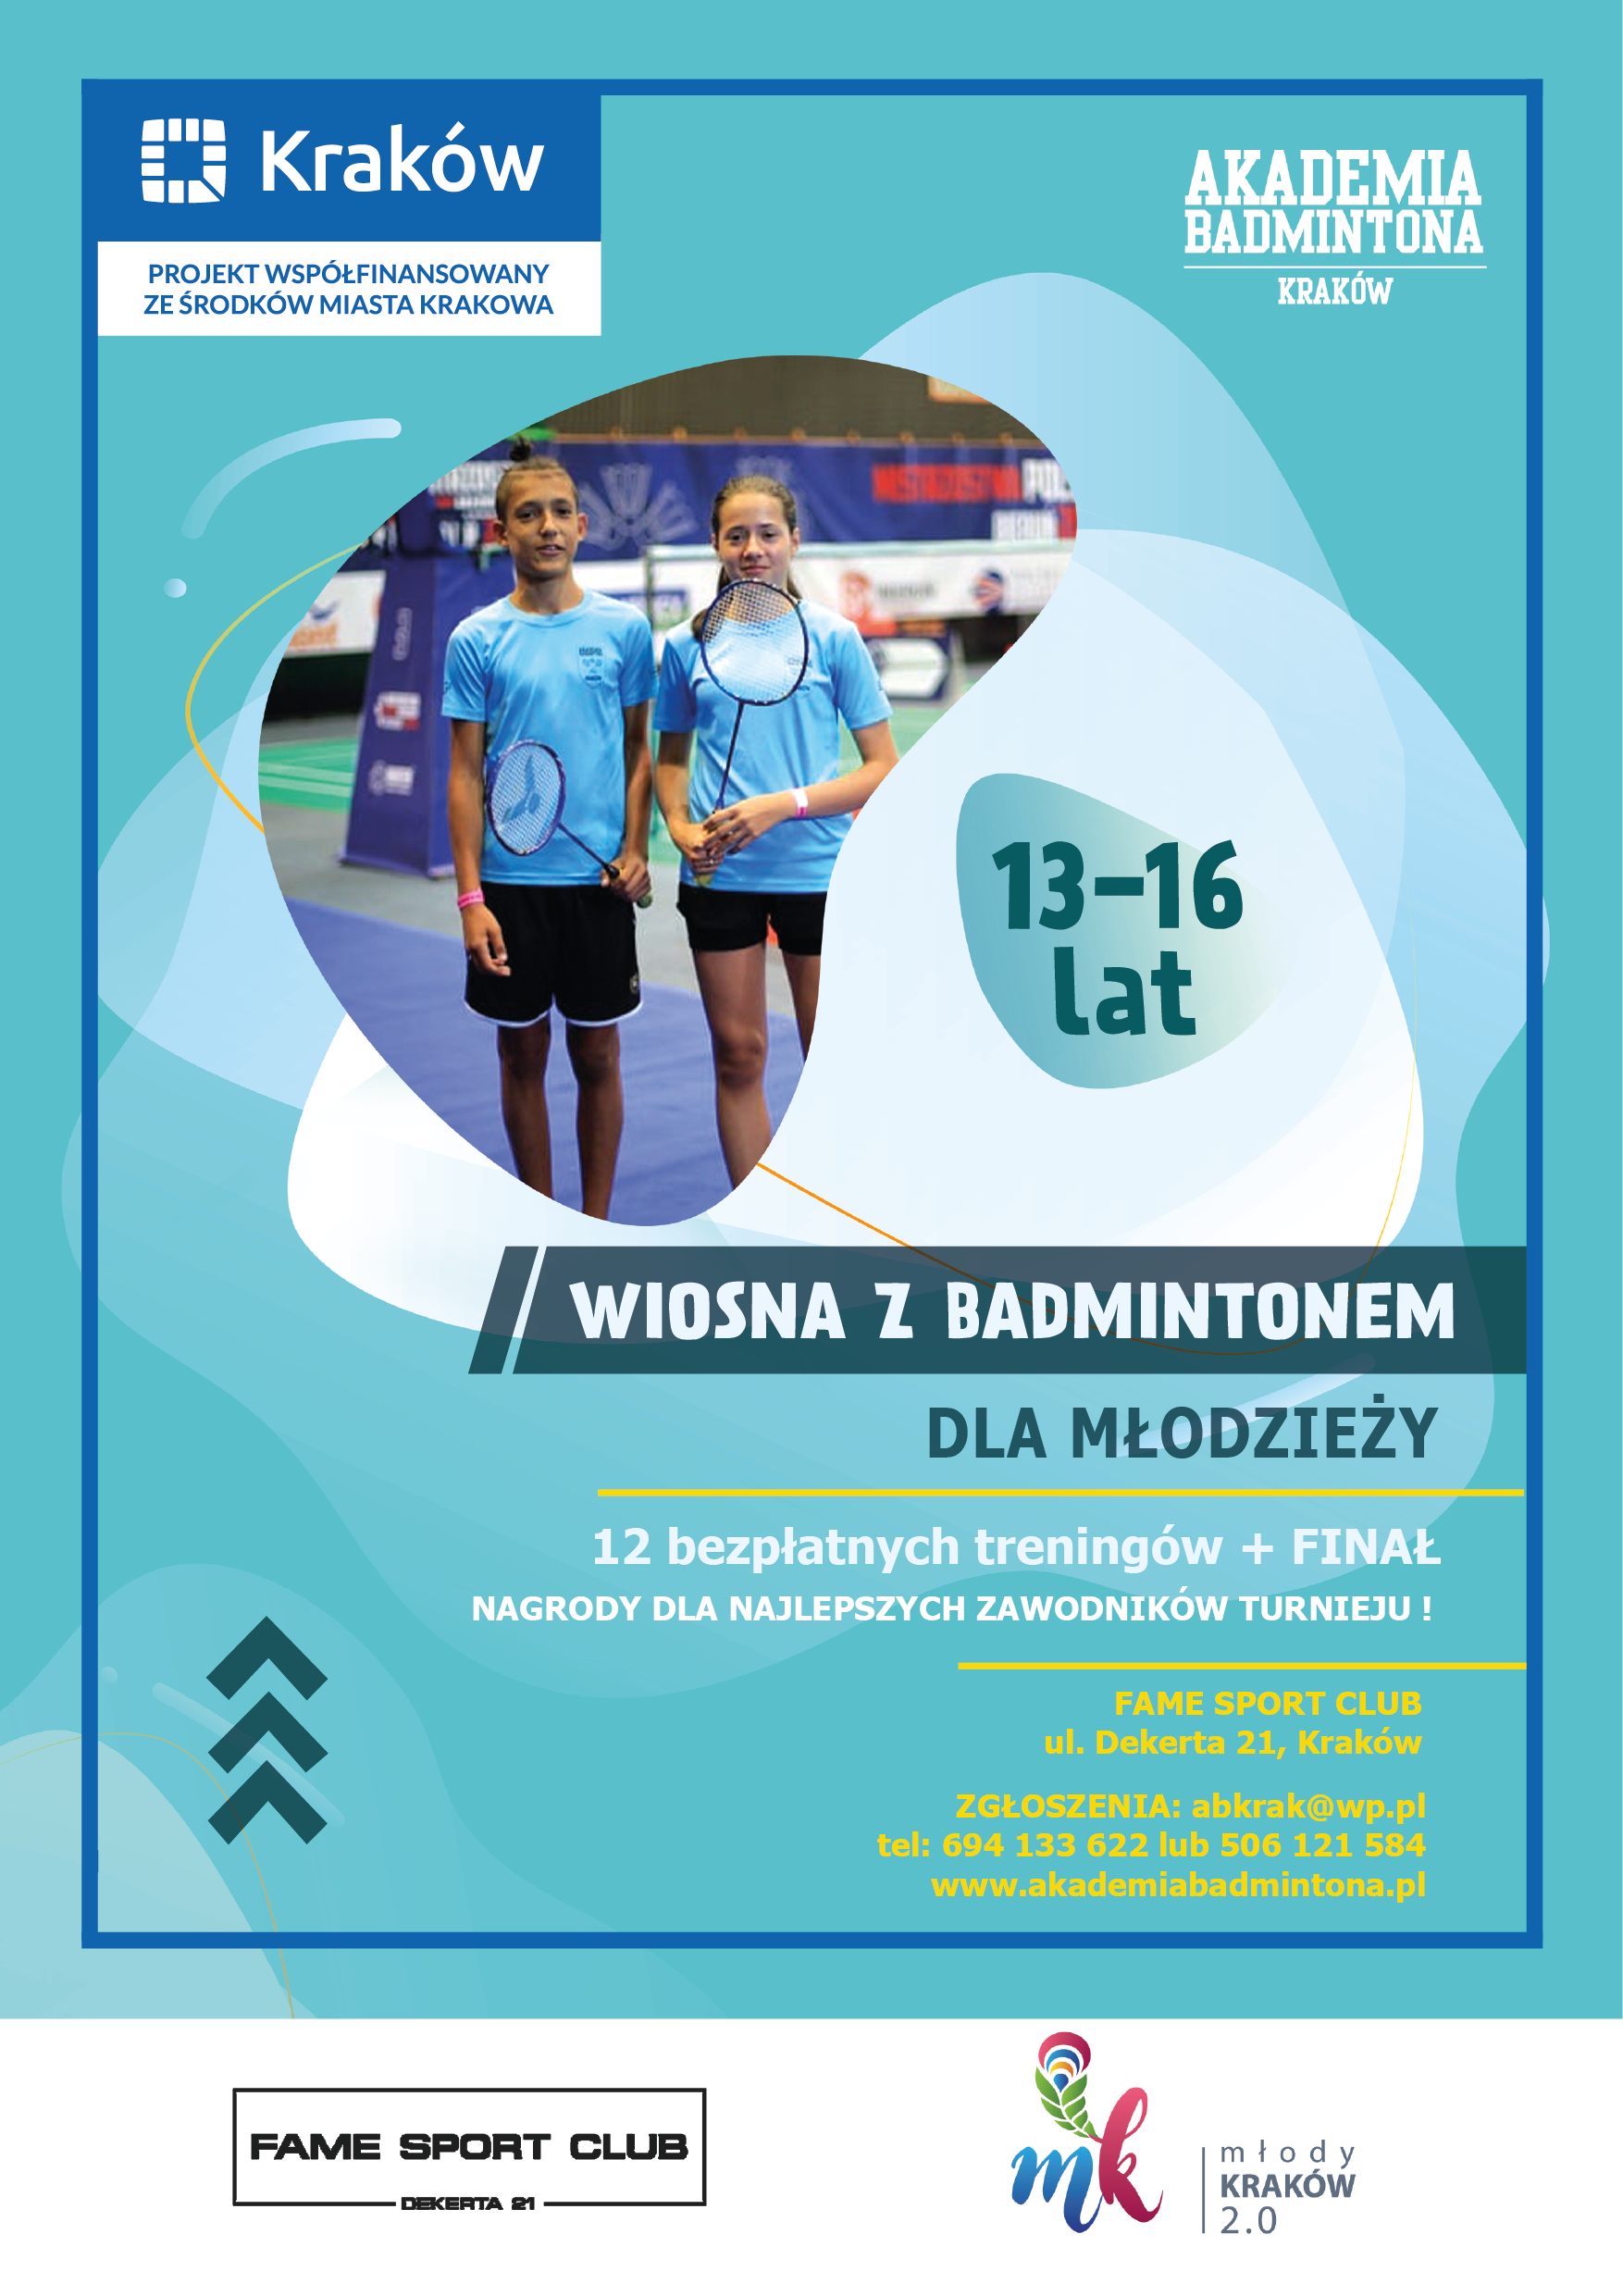 Wiosna z badmintonem dla młodzieży